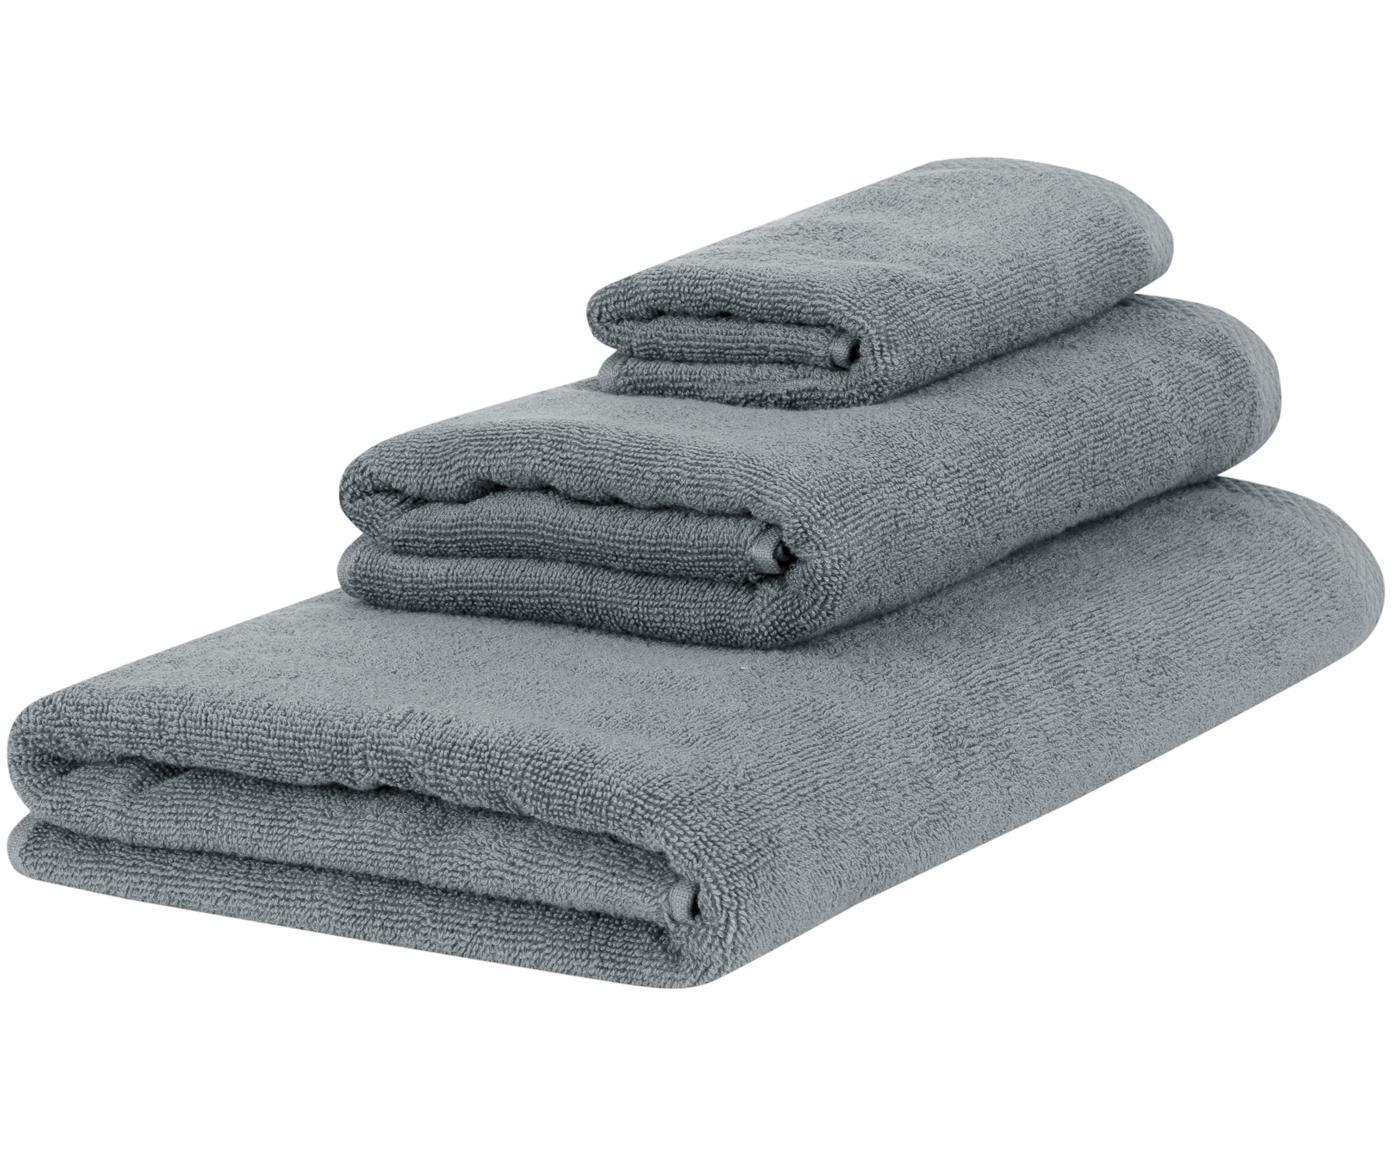 Eenkleurige handdoekenset Comfort, 3-delig, Donkergrijs, Verschillende formaten